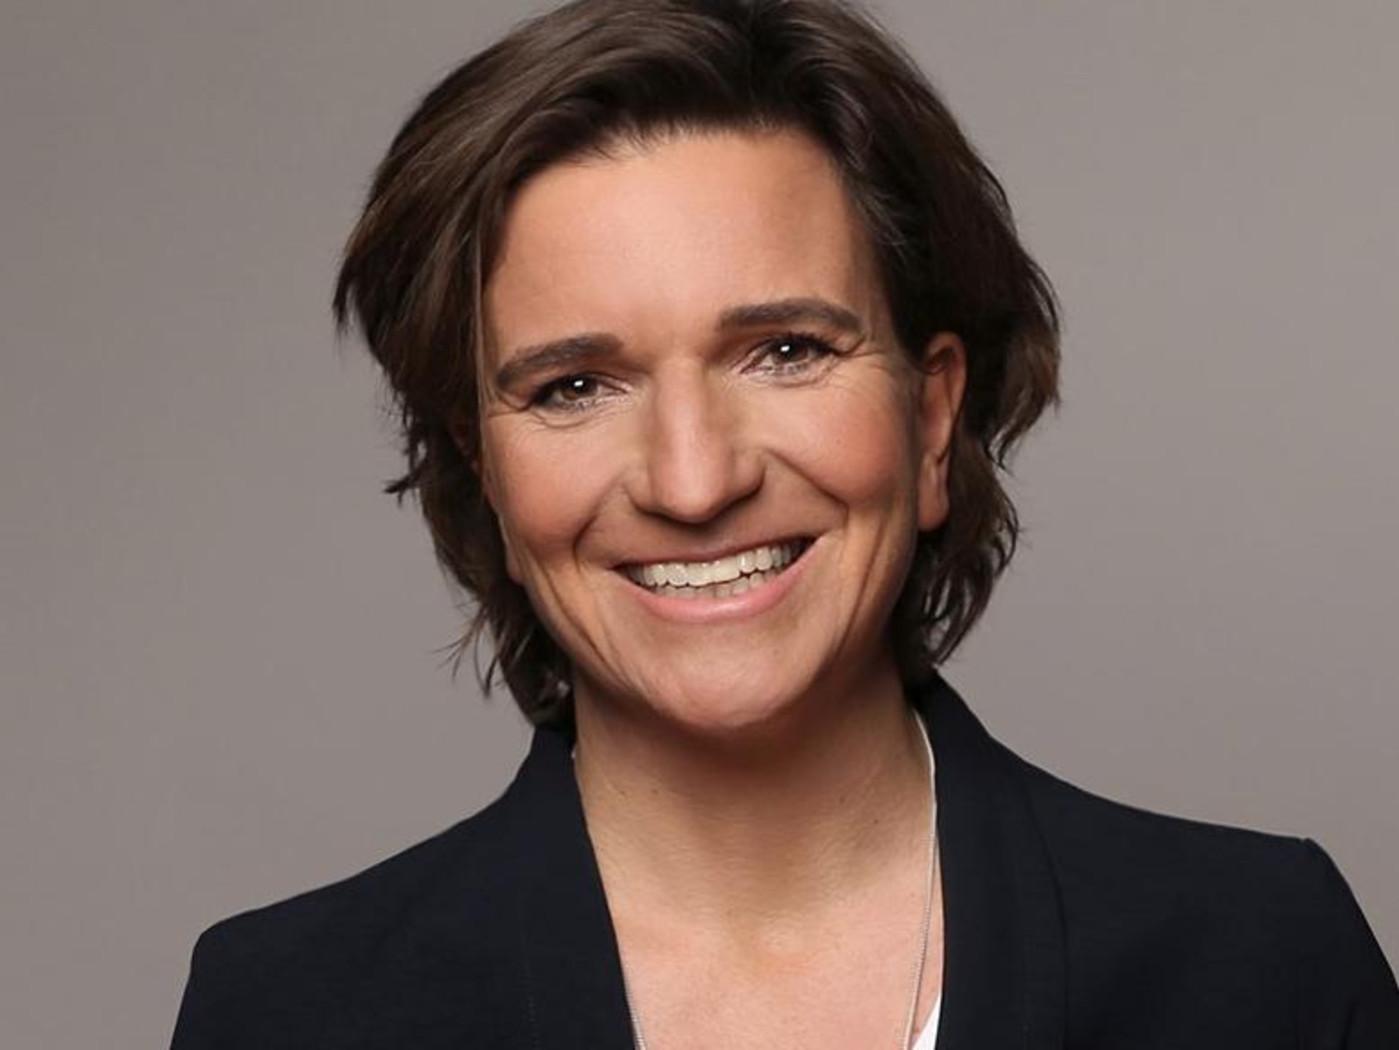 Daniela Möllenhoff